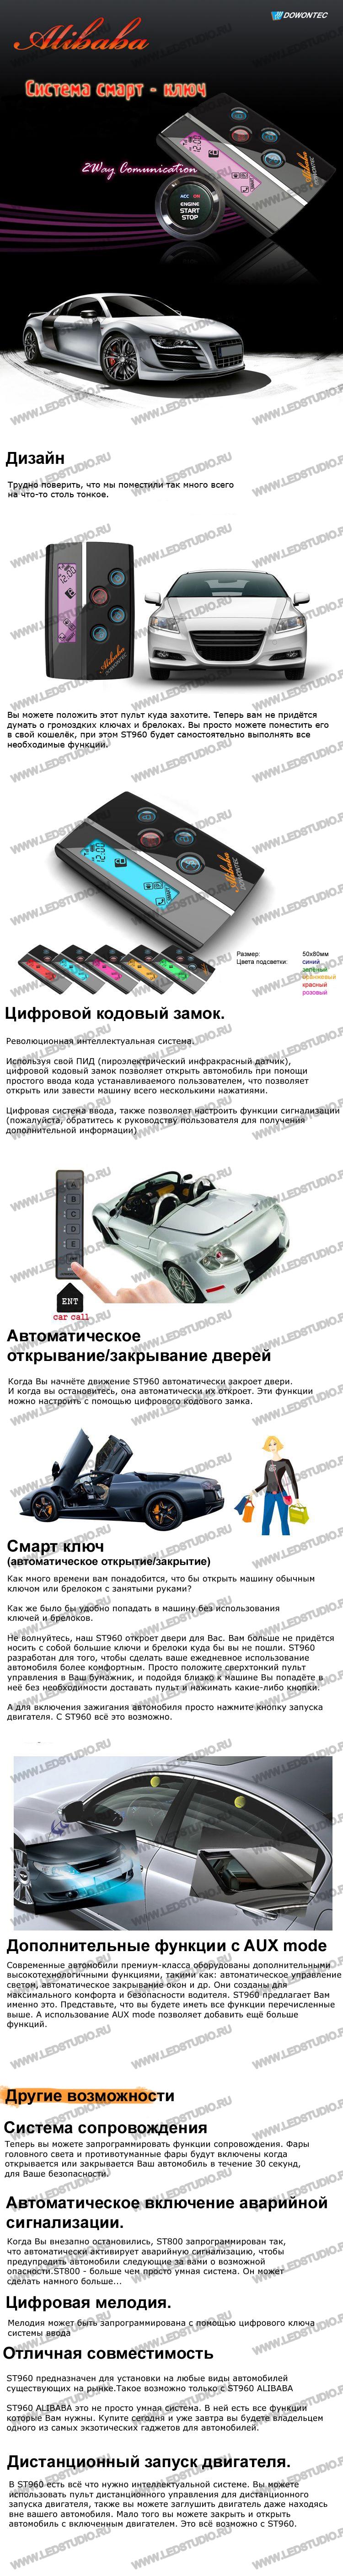 Автосигнализация Alibaba ST960 со смарт ключом и кнопкой запуска (с обратной связью)